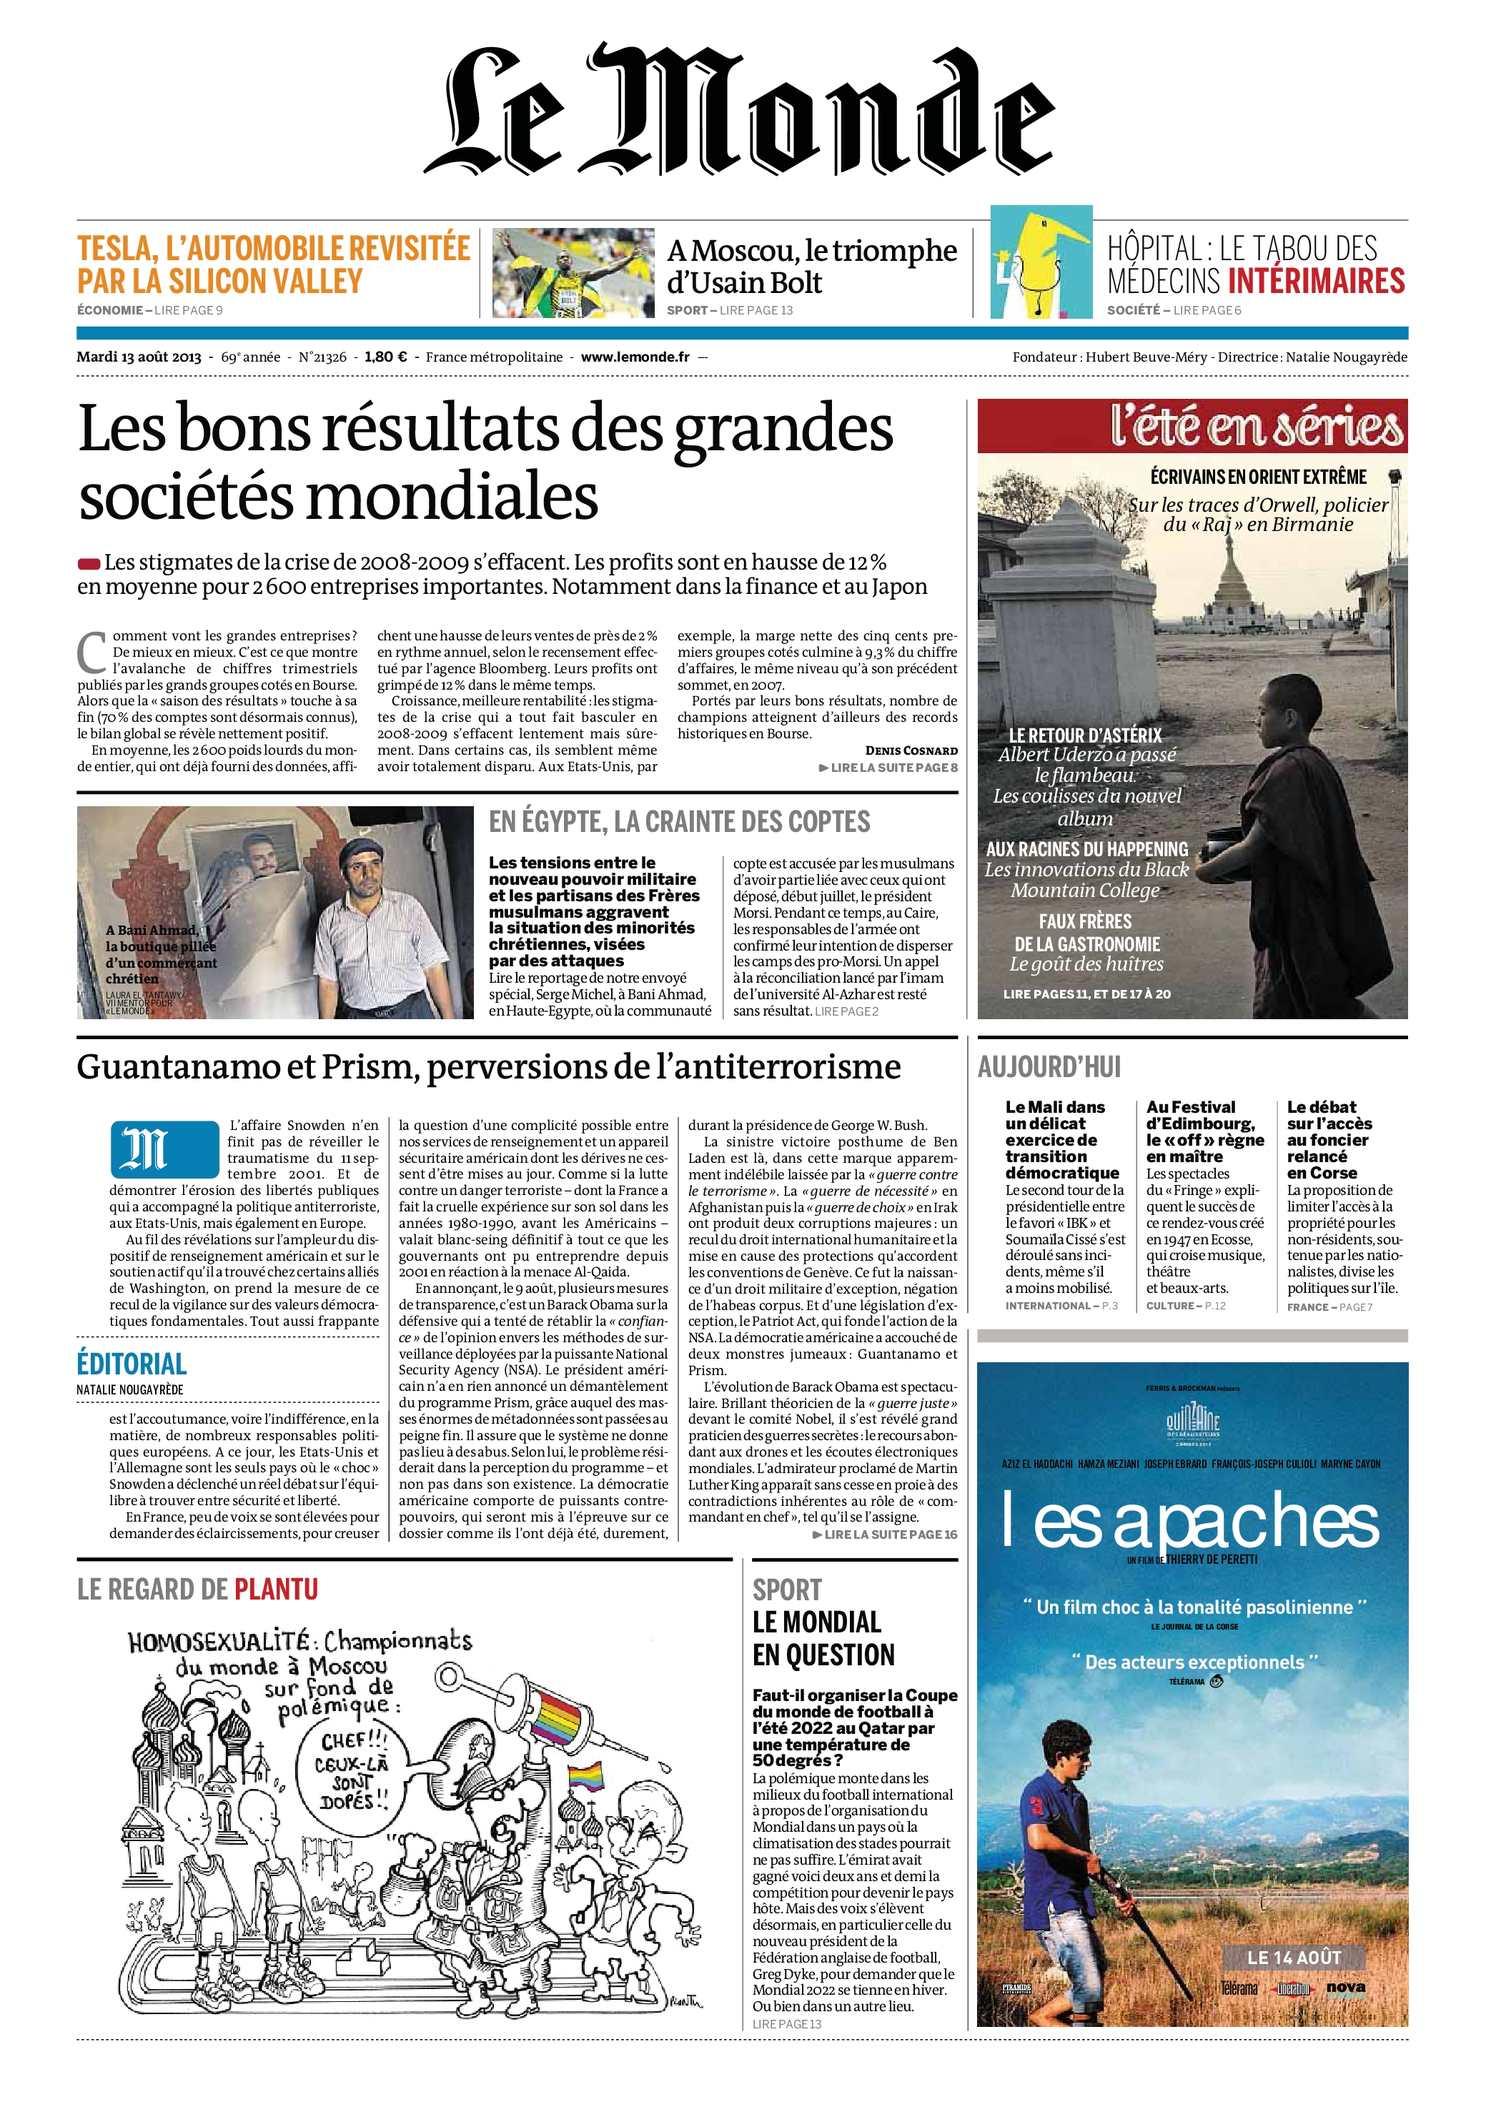 Le Monde du 13.08.2013